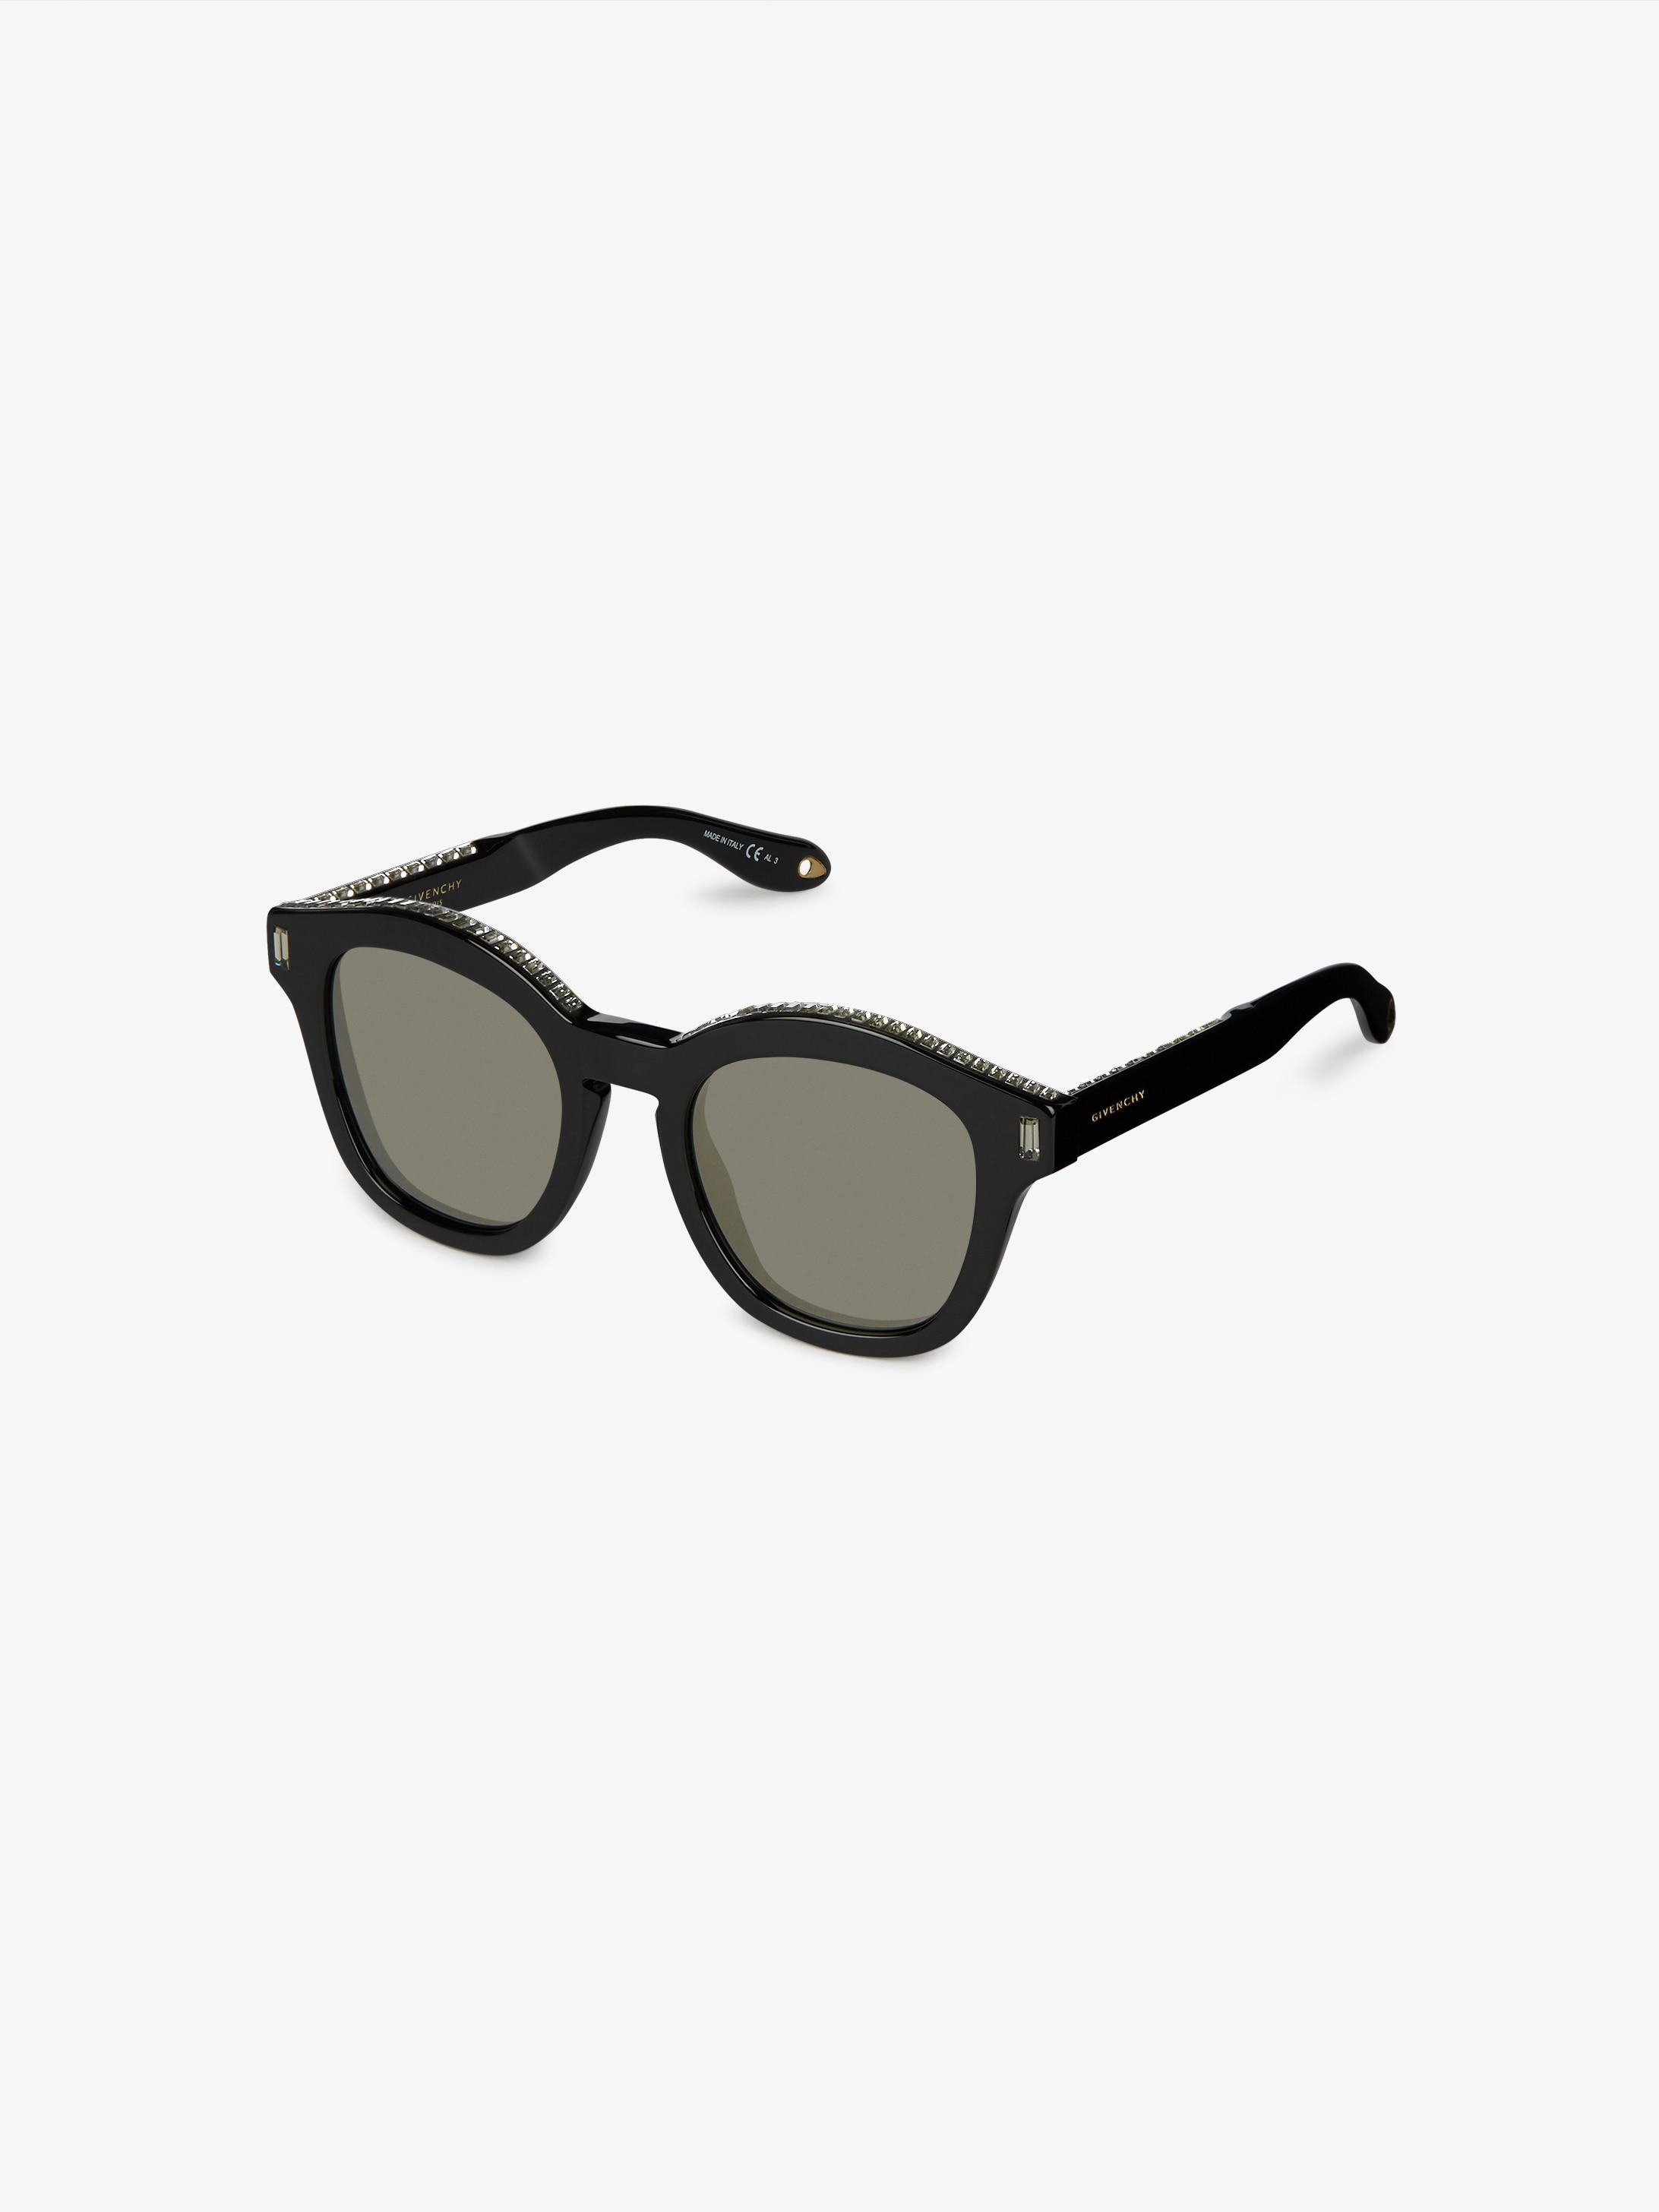 Acetate sunglasses with Swarovski Strass